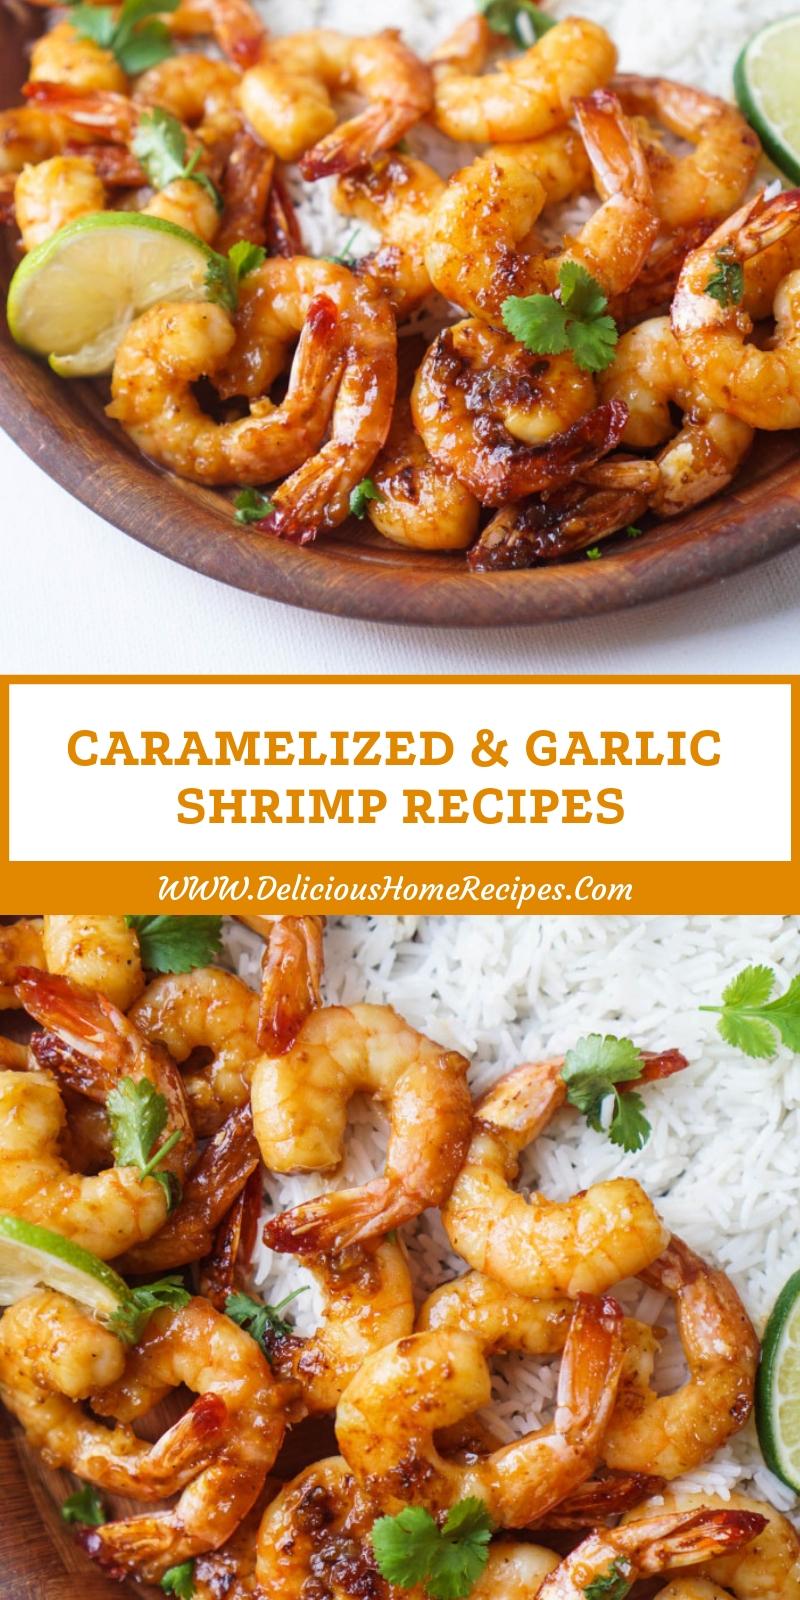 Caramelized & Garlic Shrimp Recipes